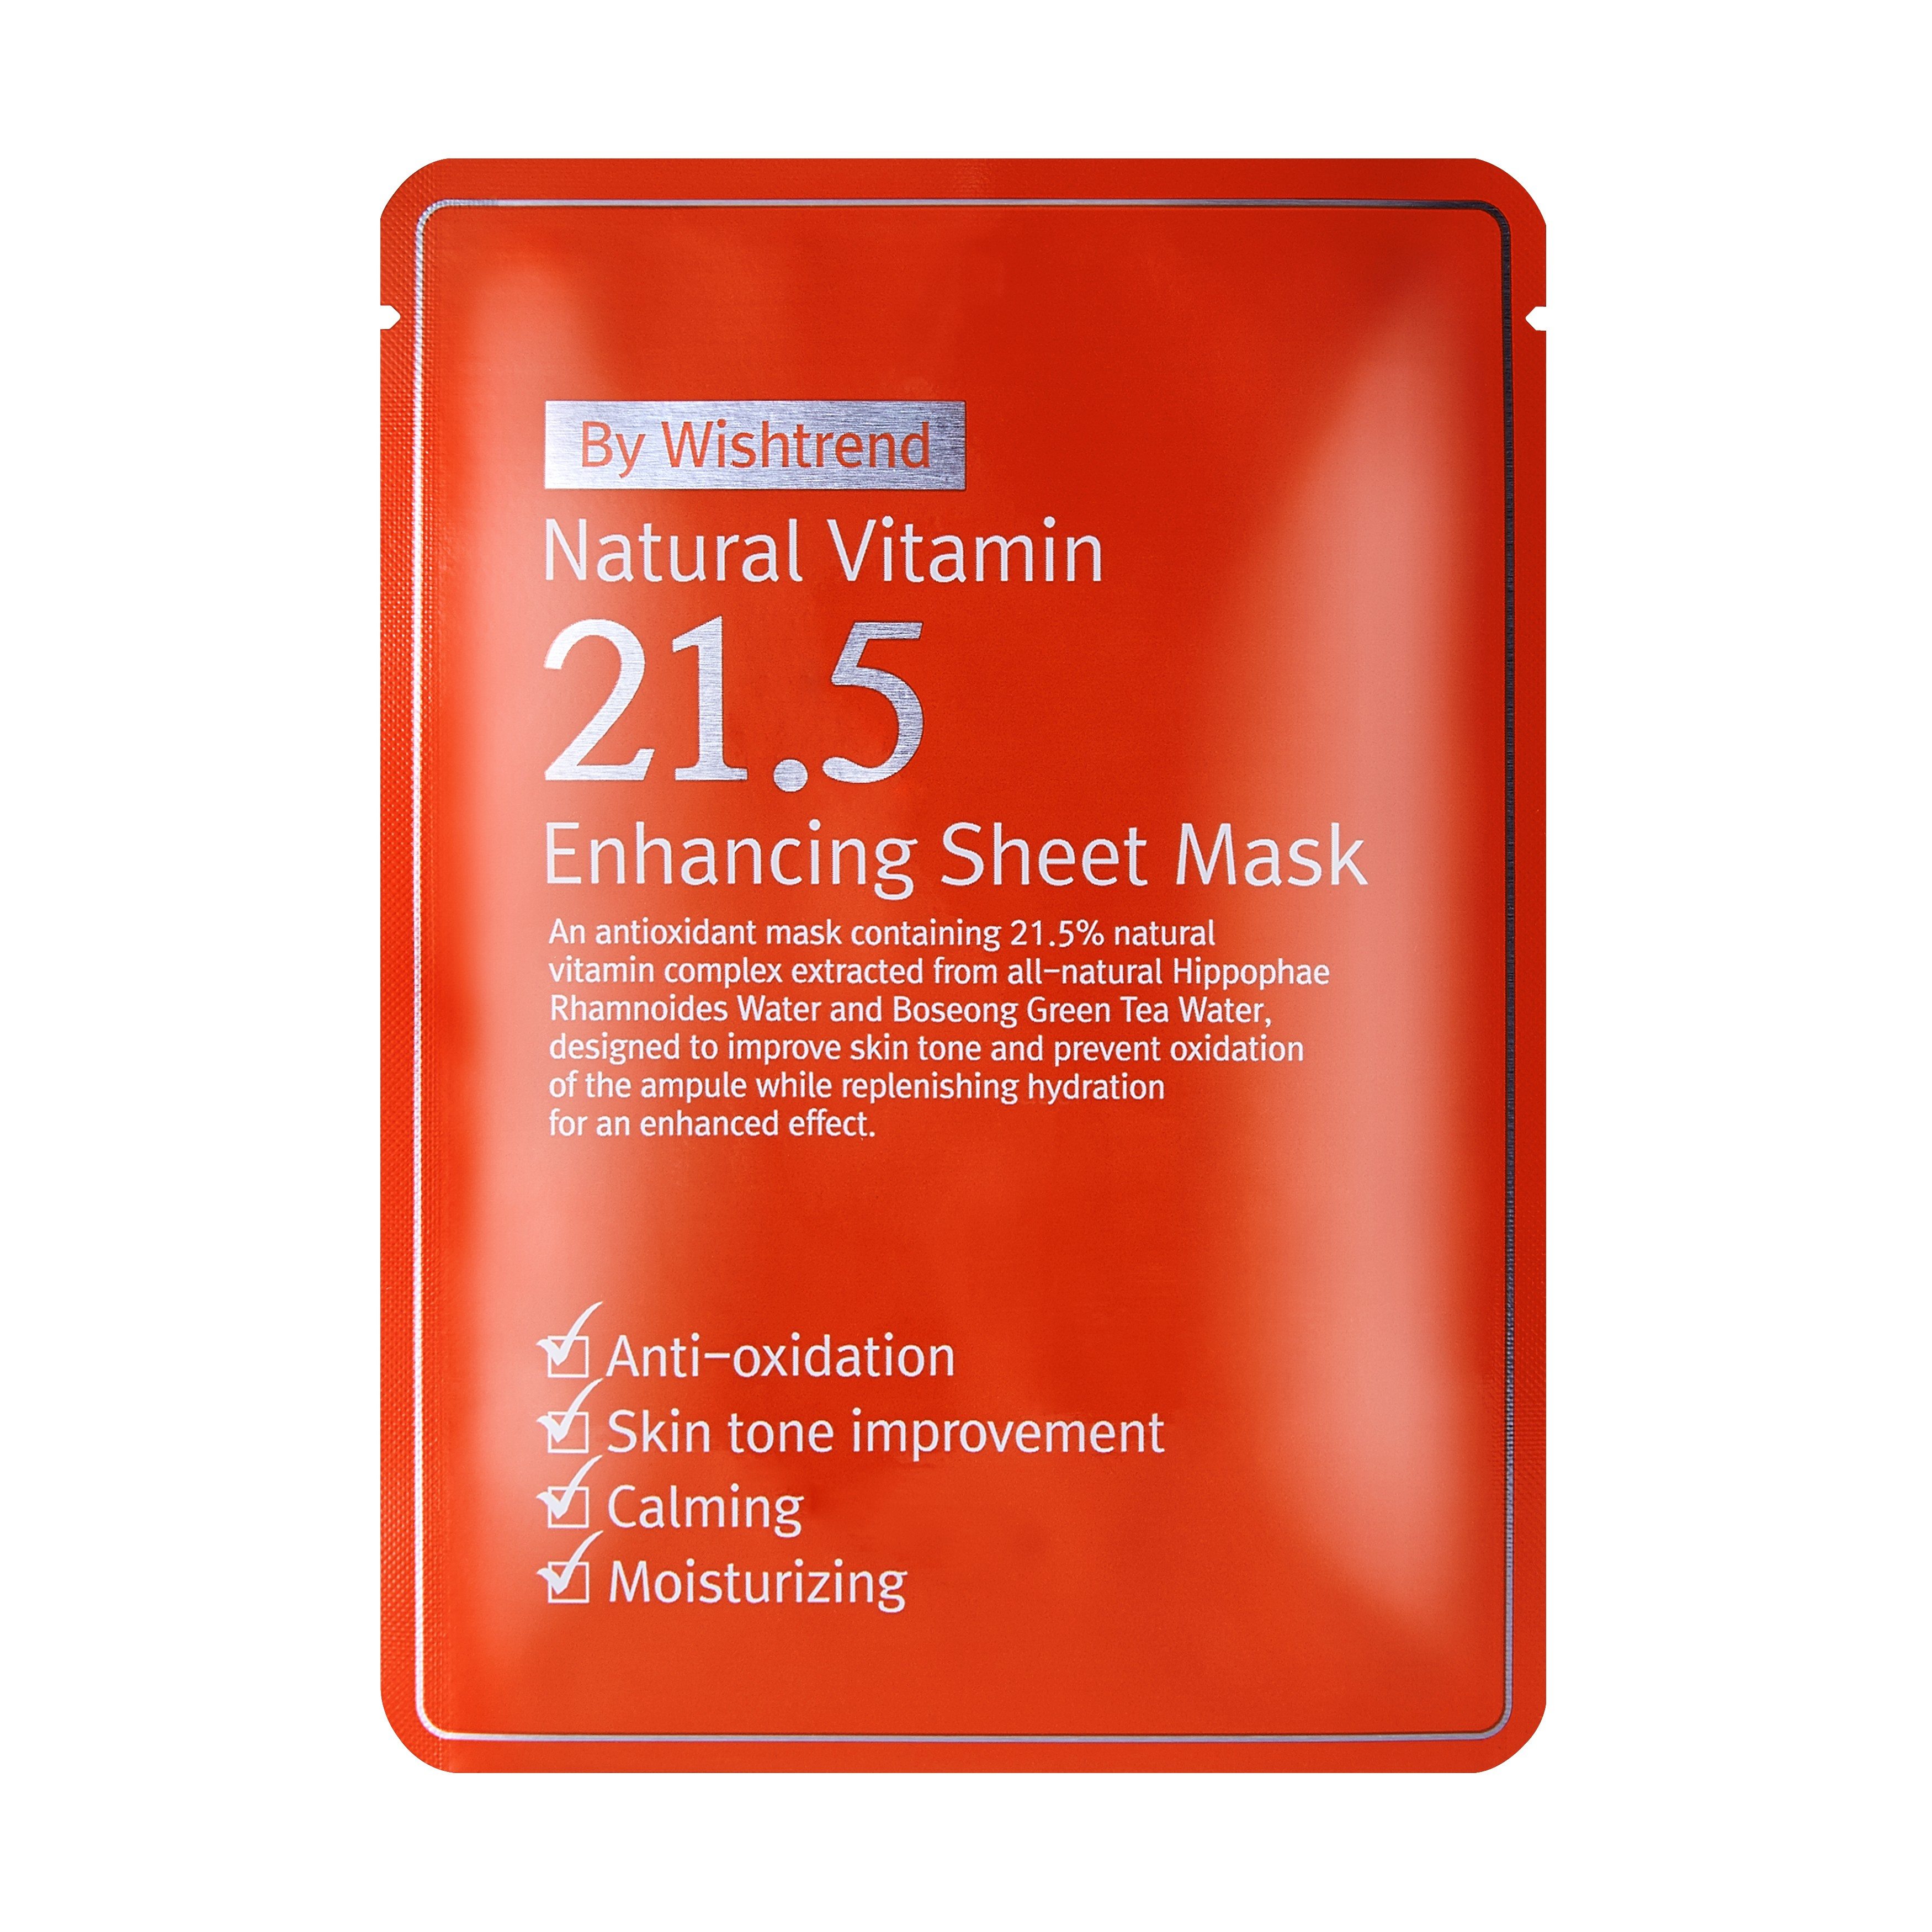 BY WISHTREND Natural Vitamin 21.5 Enhancing Sheet Mask